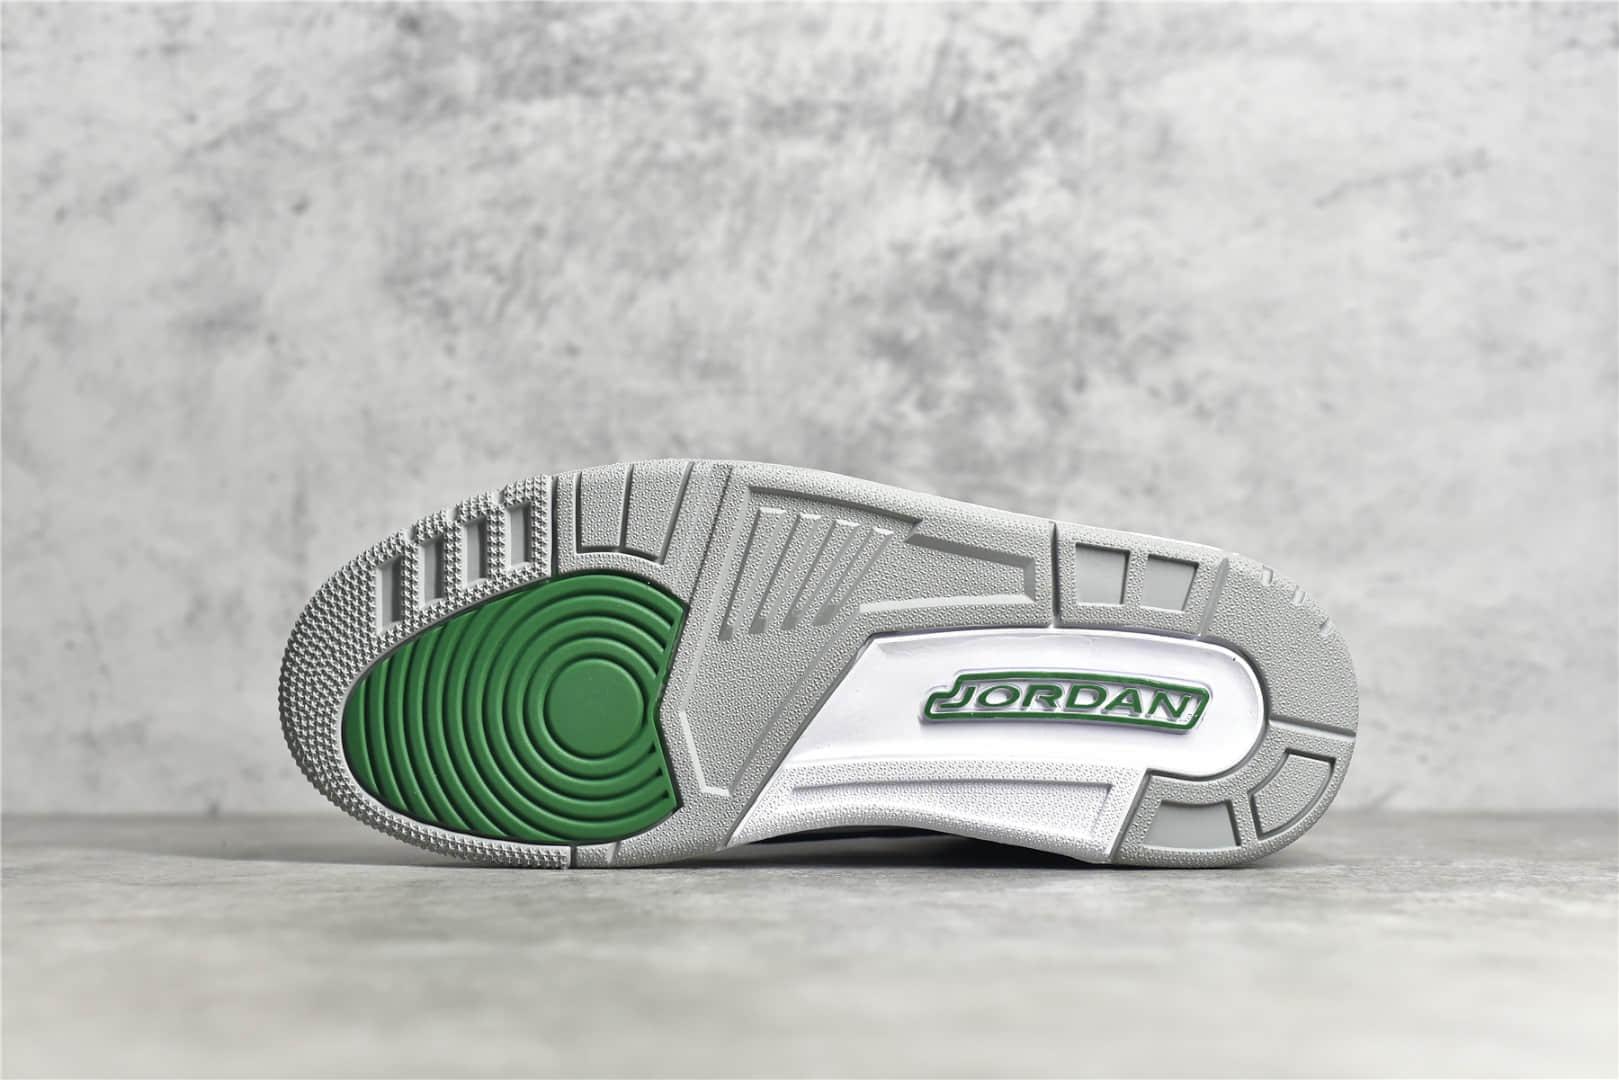 AJ3黑绿水泥缓震实战篮球鞋 Air Jordan 3 纯原版本原厂AJ3碳板 AJ3翻毛皮 货号:854262-001-潮流者之家